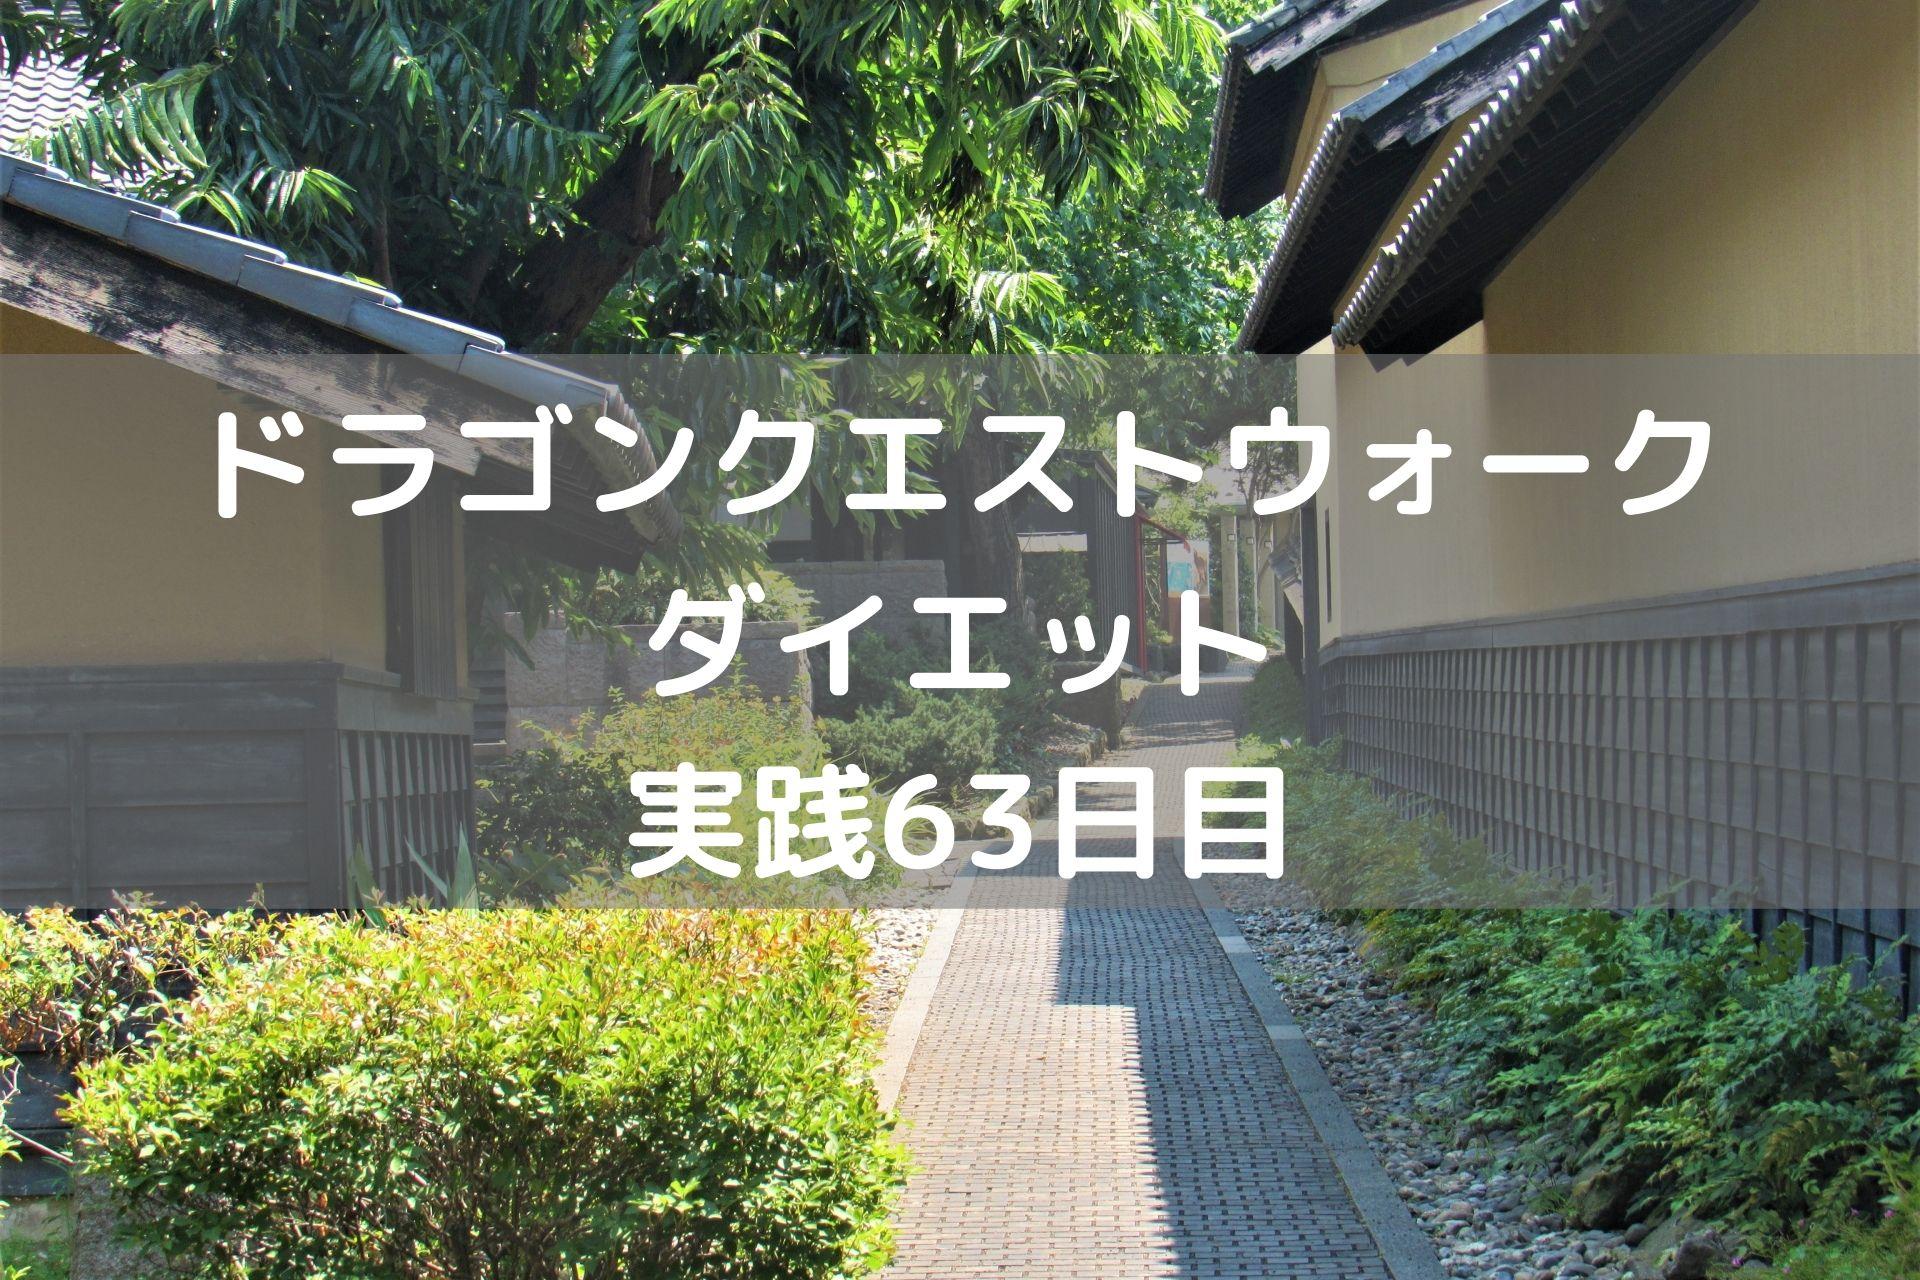 アームライオンのしぐさ解放!! 【DQウォーク実践63日目】